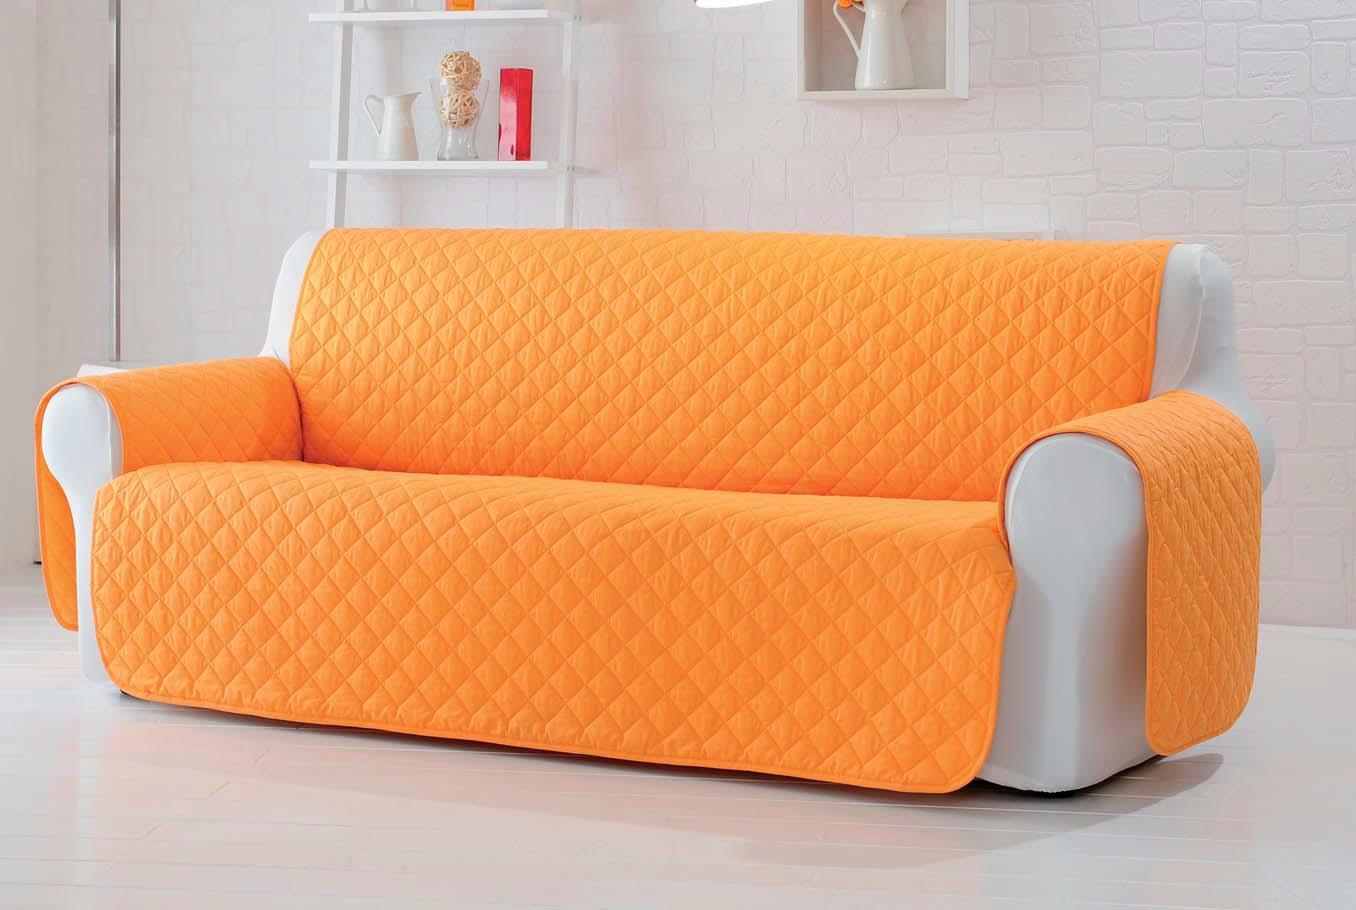 Divano 2 posti archivi g l g store ingrosso dettaglio biancheria per la casa intimo - Copridivano per divano ad angolo ...